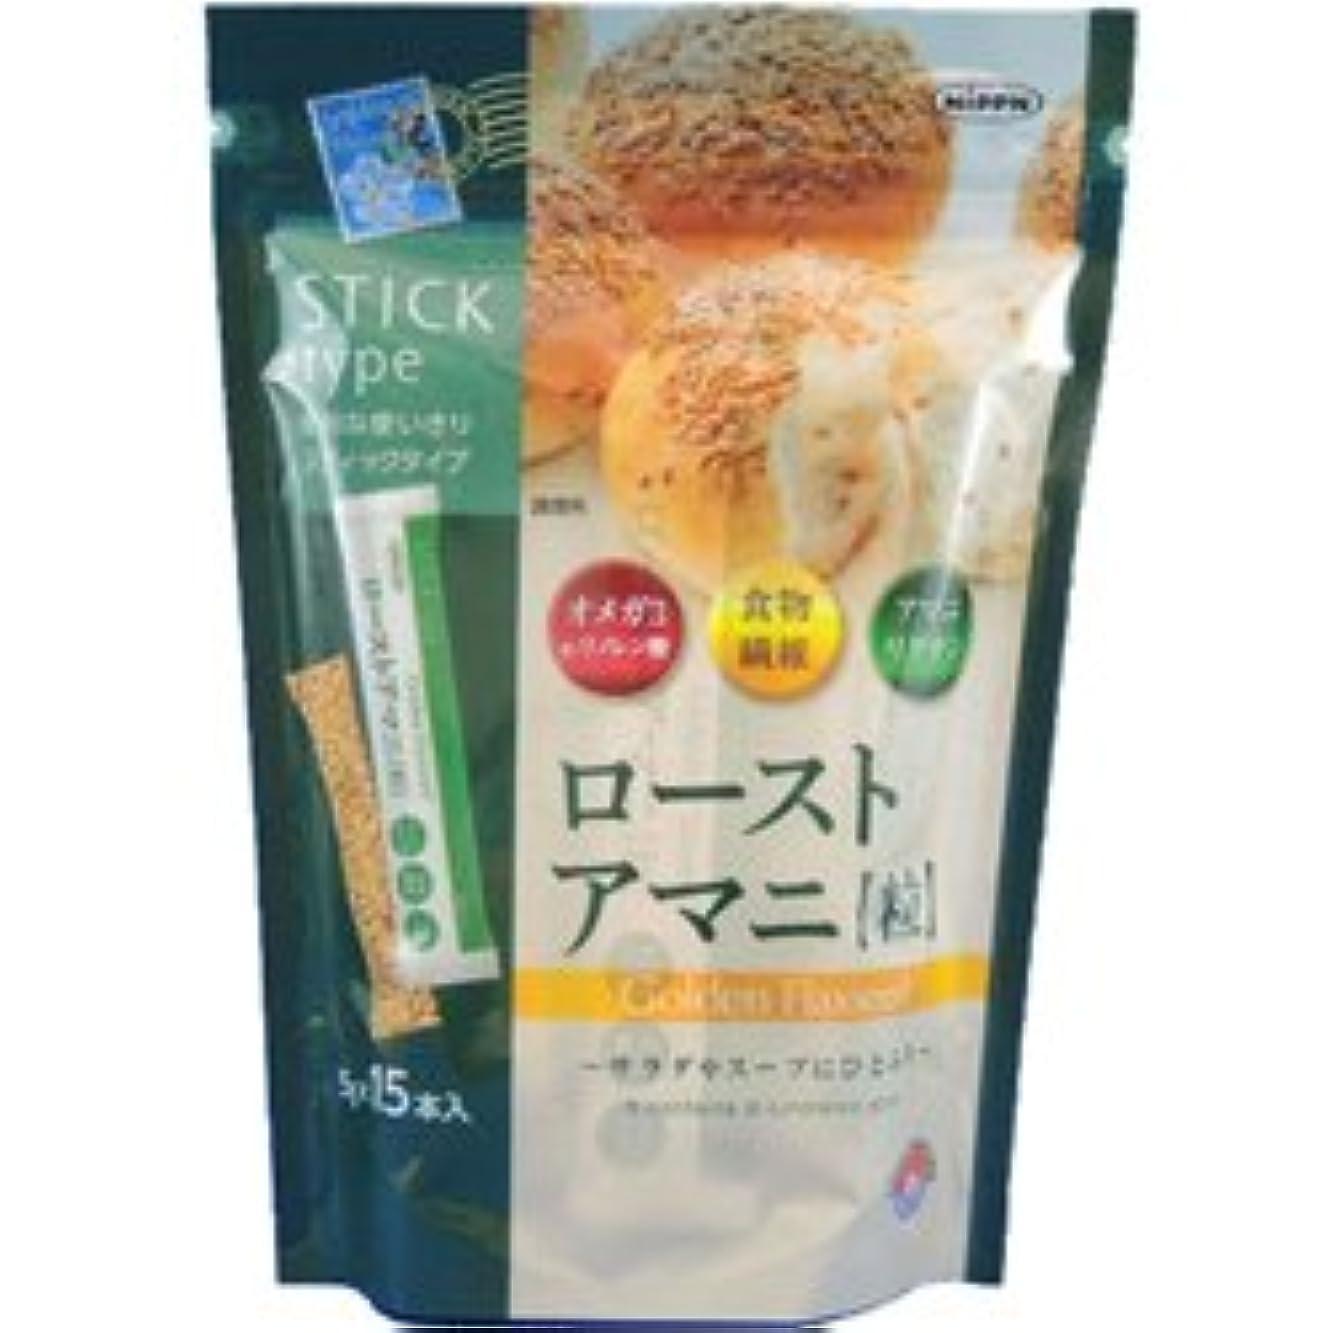 勝者浅いブラジャー【日本製粉】ローストアマニ粒 75g ×20個セット